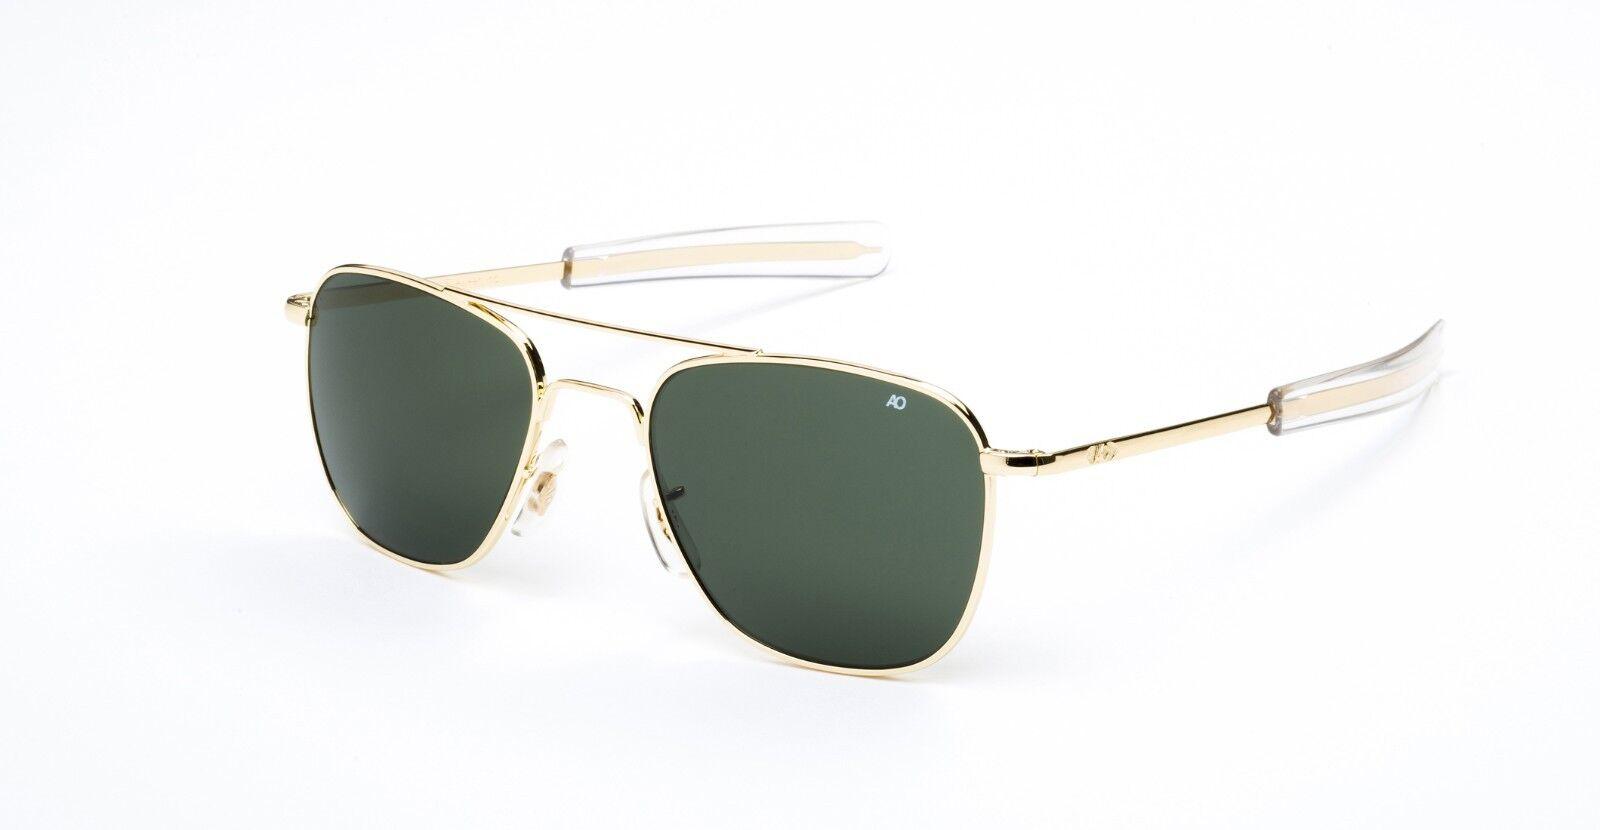 9d4576a43f9f American Optical AO Original Pilot Gold Calobar Green Non-Polarized Glass  Lens